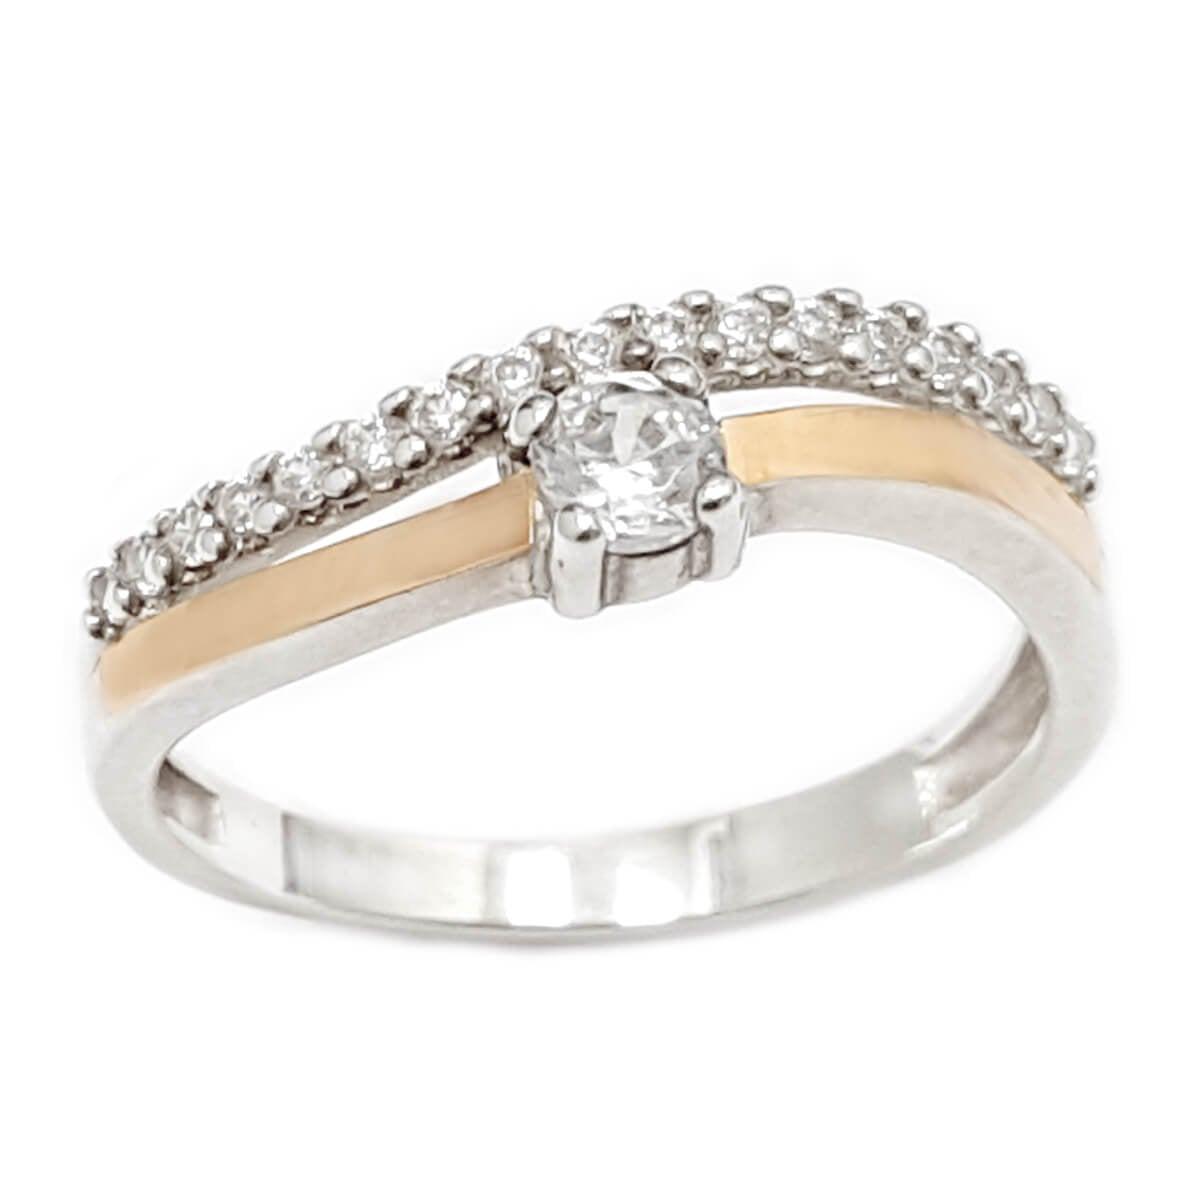 טבעת כסף מצופה זהב 9K משובצת אבן זרקון סוליטר ושורת אבני זרקון  RG5957   תכשיטי כסף   טבעות כסף